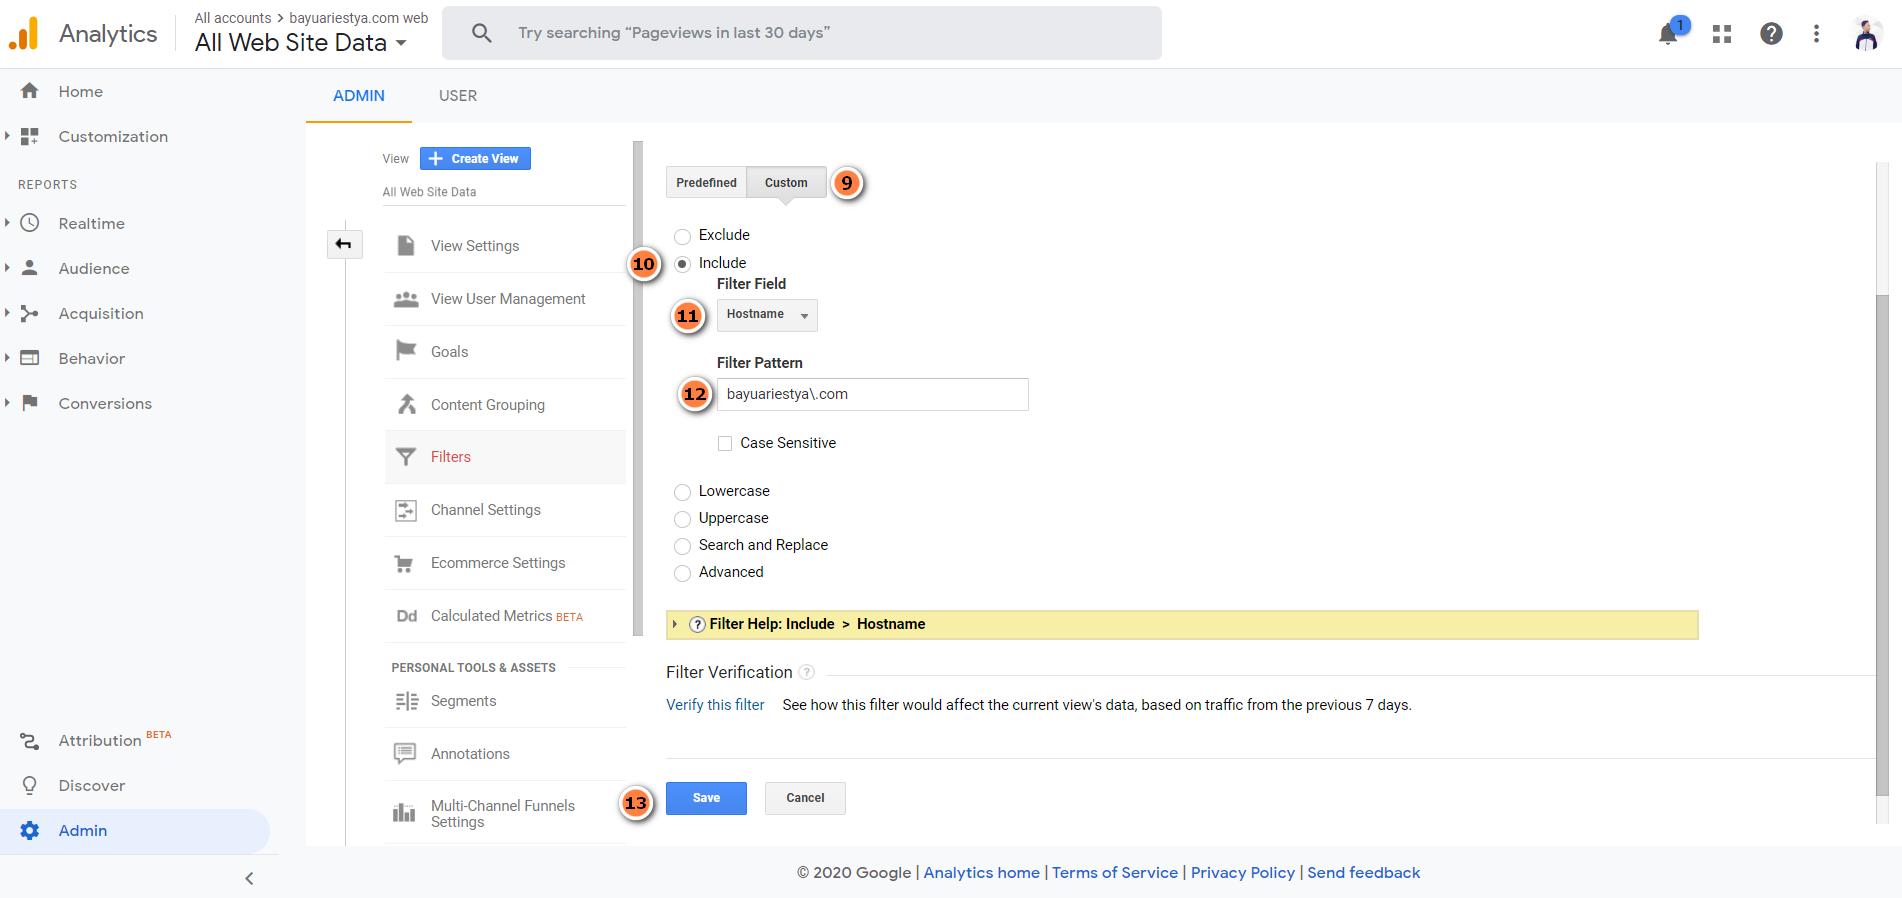 bayuariestya.com cara melindungi trafik google analytics agar tidak bisa terkena hack (3_rev)